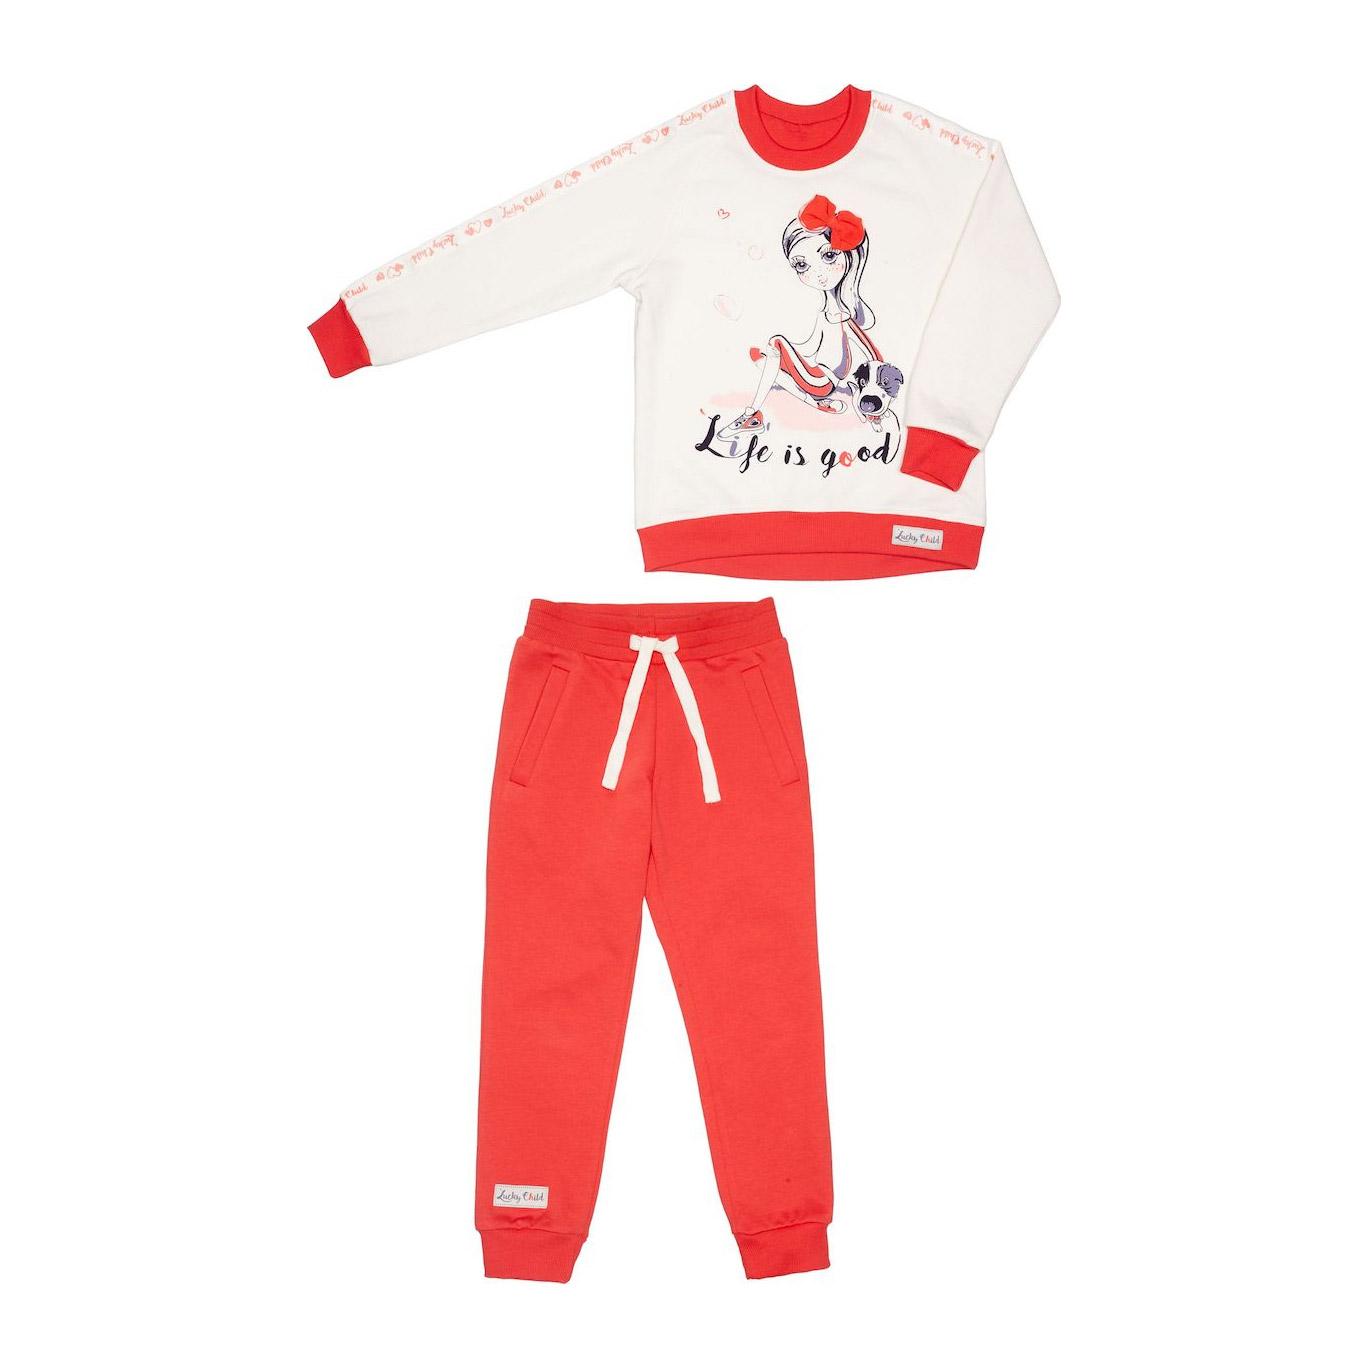 Купить Спортивный костюм Lucky Child: толстовка и брюки коралл/молочный 104-110, Молочный, Коралловый, Футер, Для девочек, Весна-Лето,